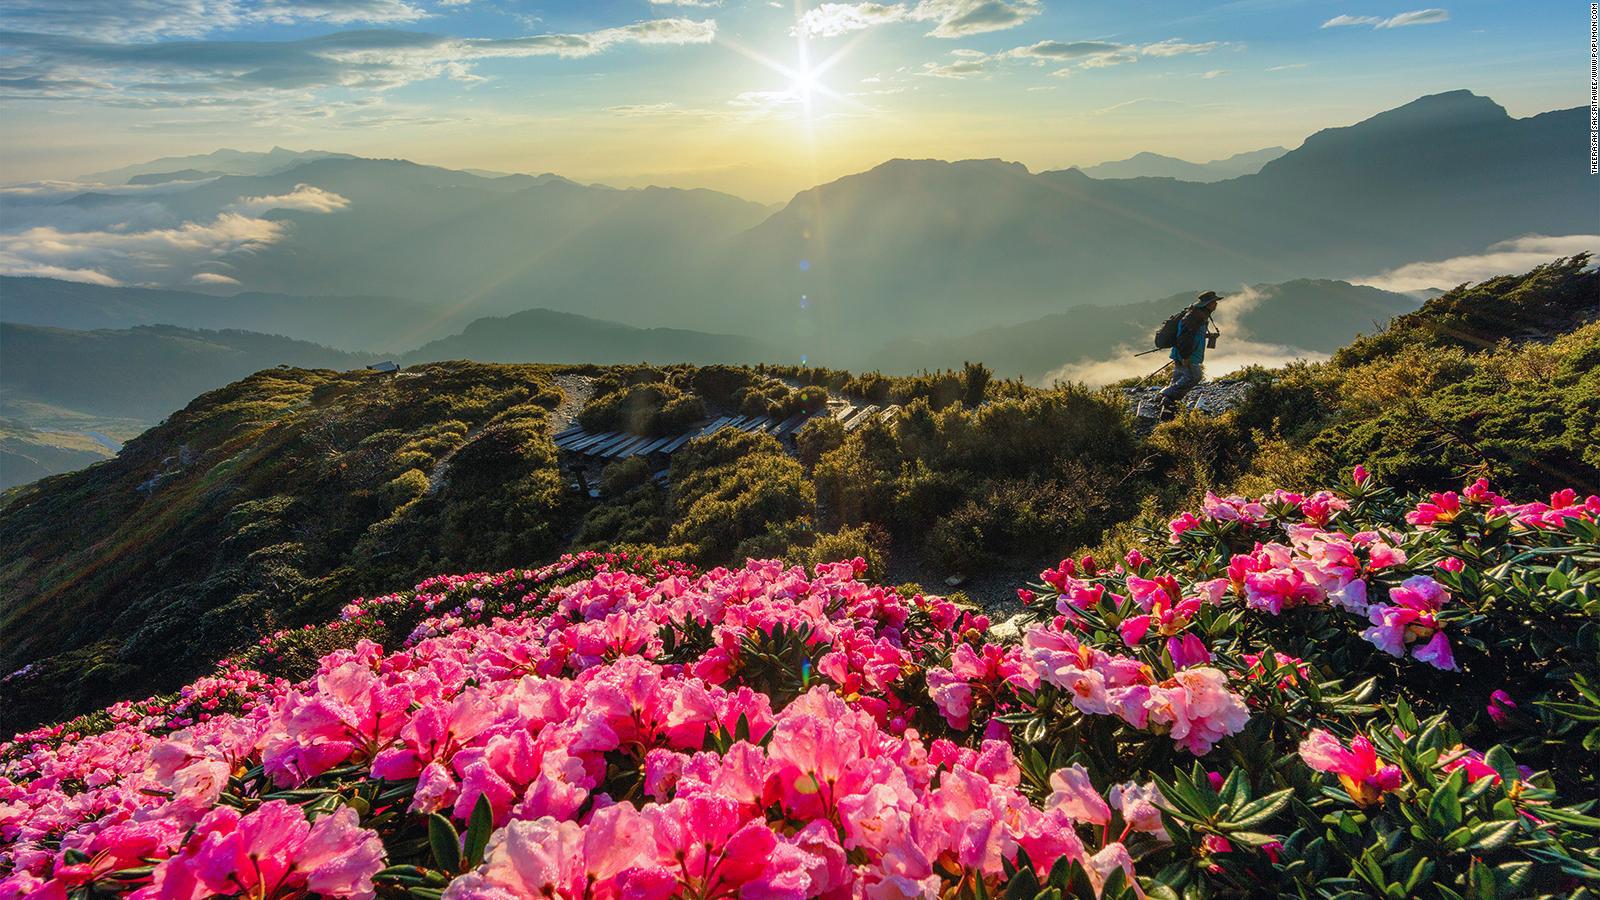 Tiếp tục ưu đãi visa cho công dân Việt, du lịch Đài Loan hưởng lợi - Ảnh 2.